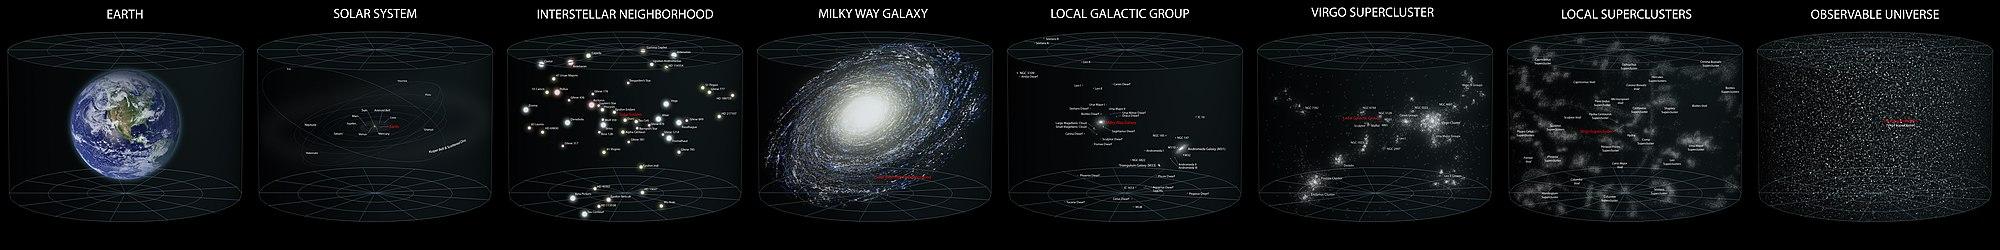 размер нашей галактики световых лет